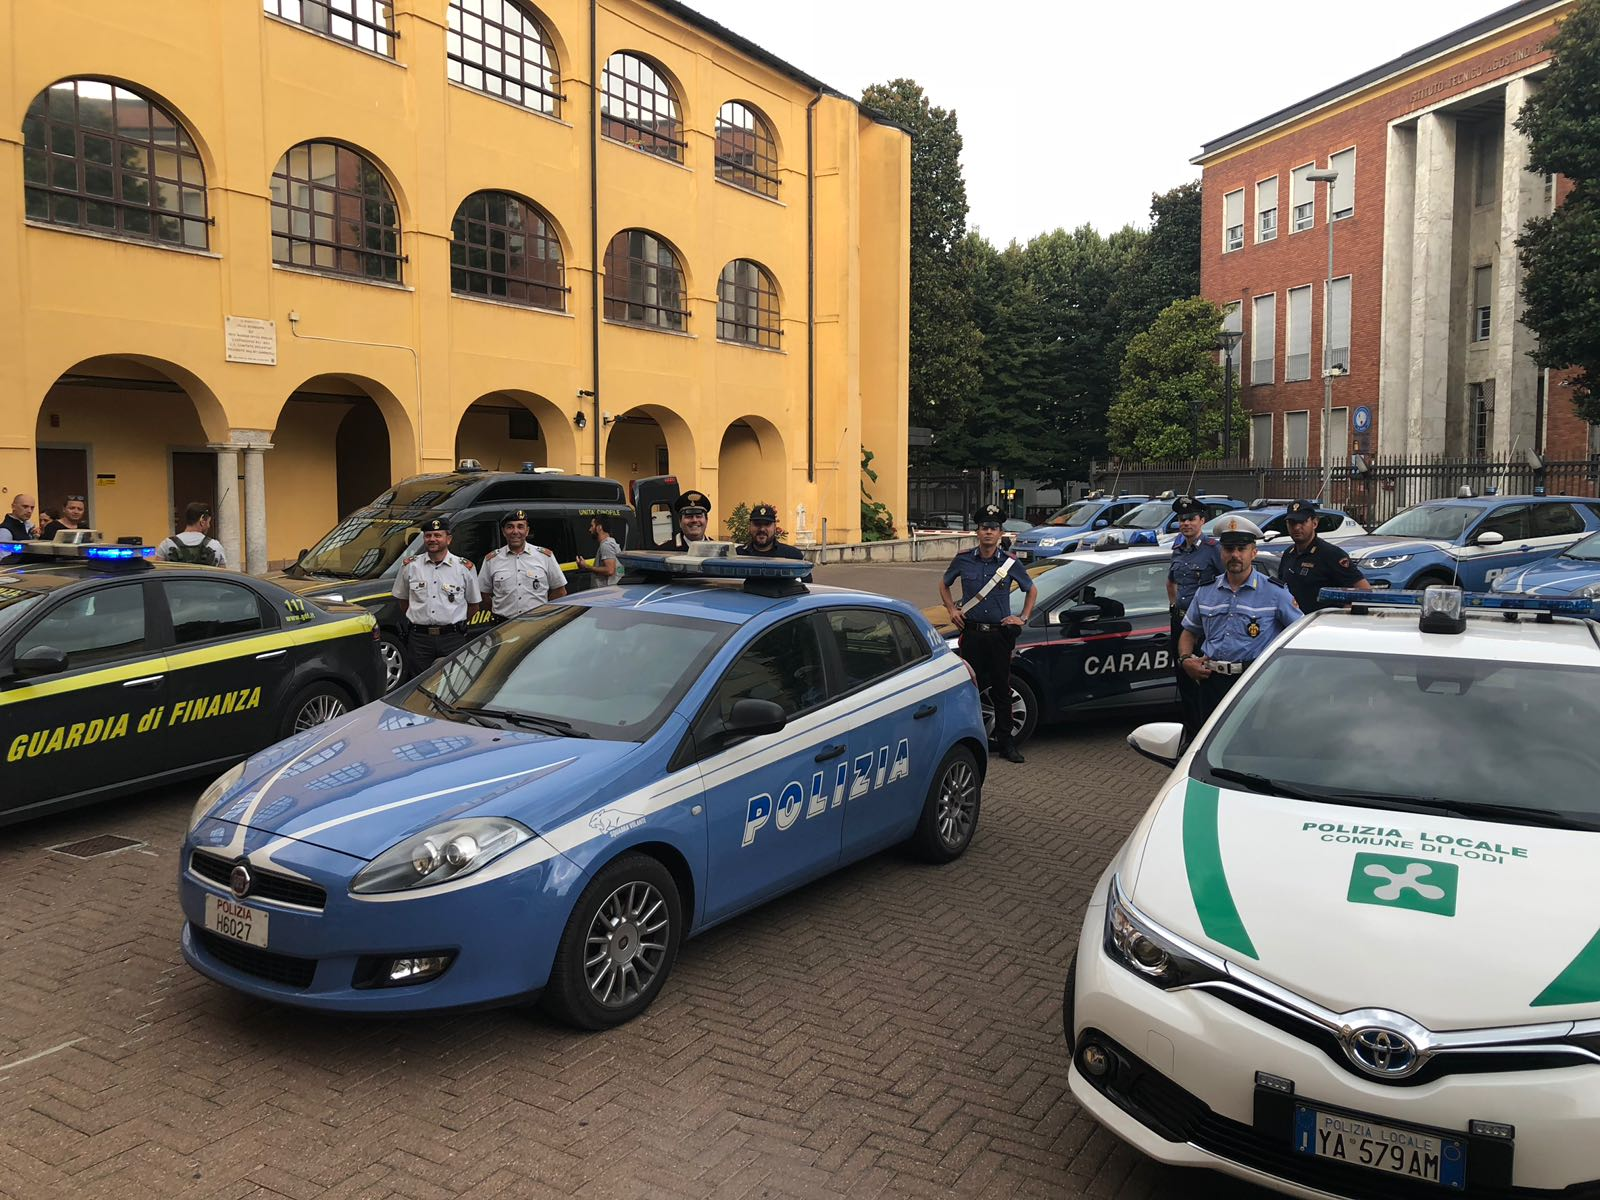 Polizia di stato questure sul web lodi for Polizia di permesso di soggiorno